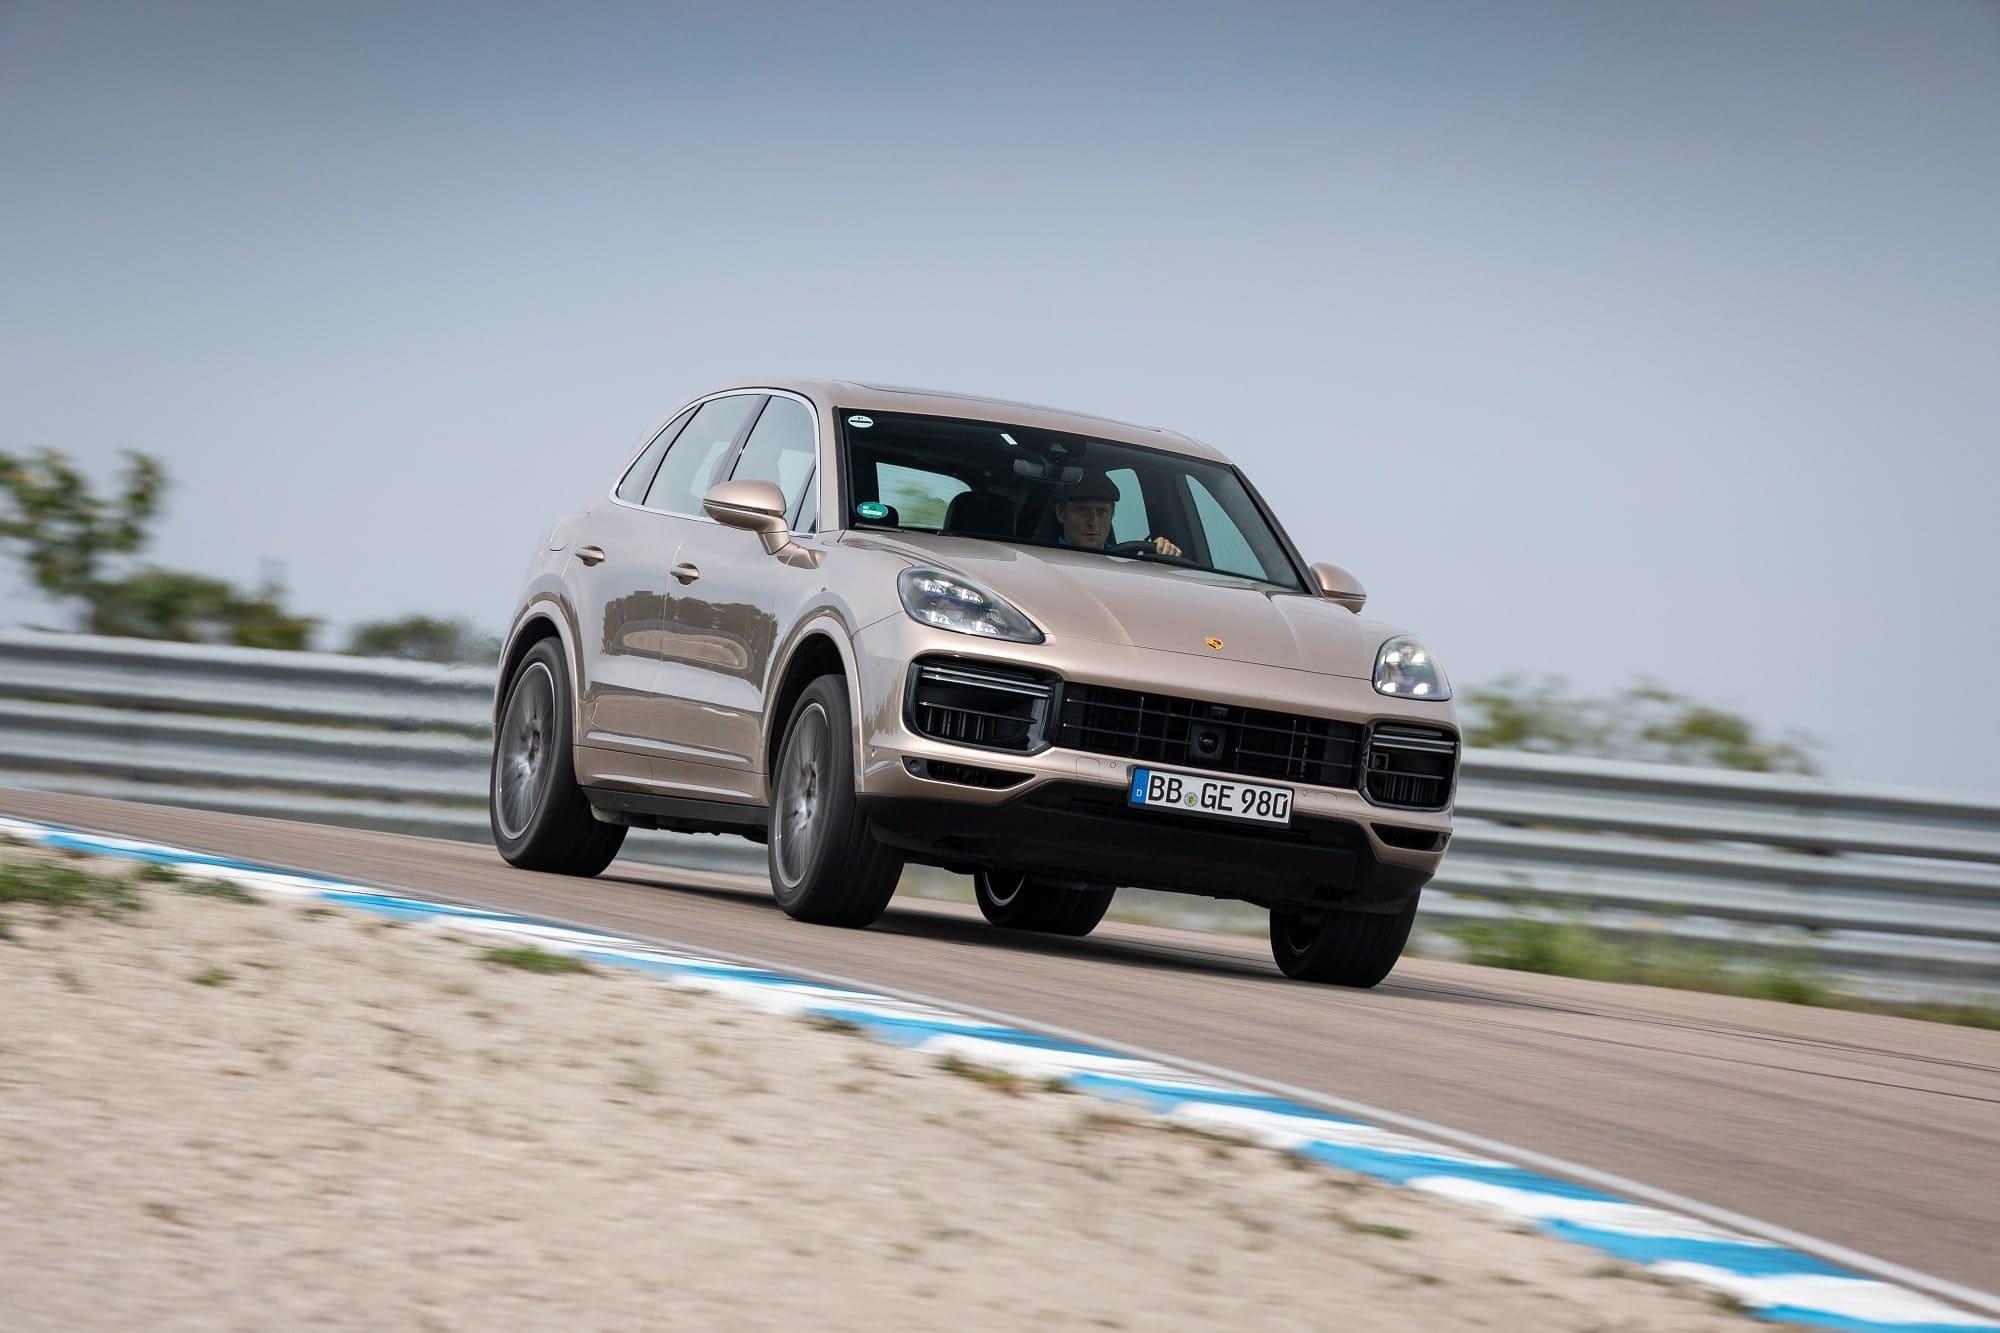 Porsche Cayenne Turbo S E-Hybrid Sets Unusual Lap Record